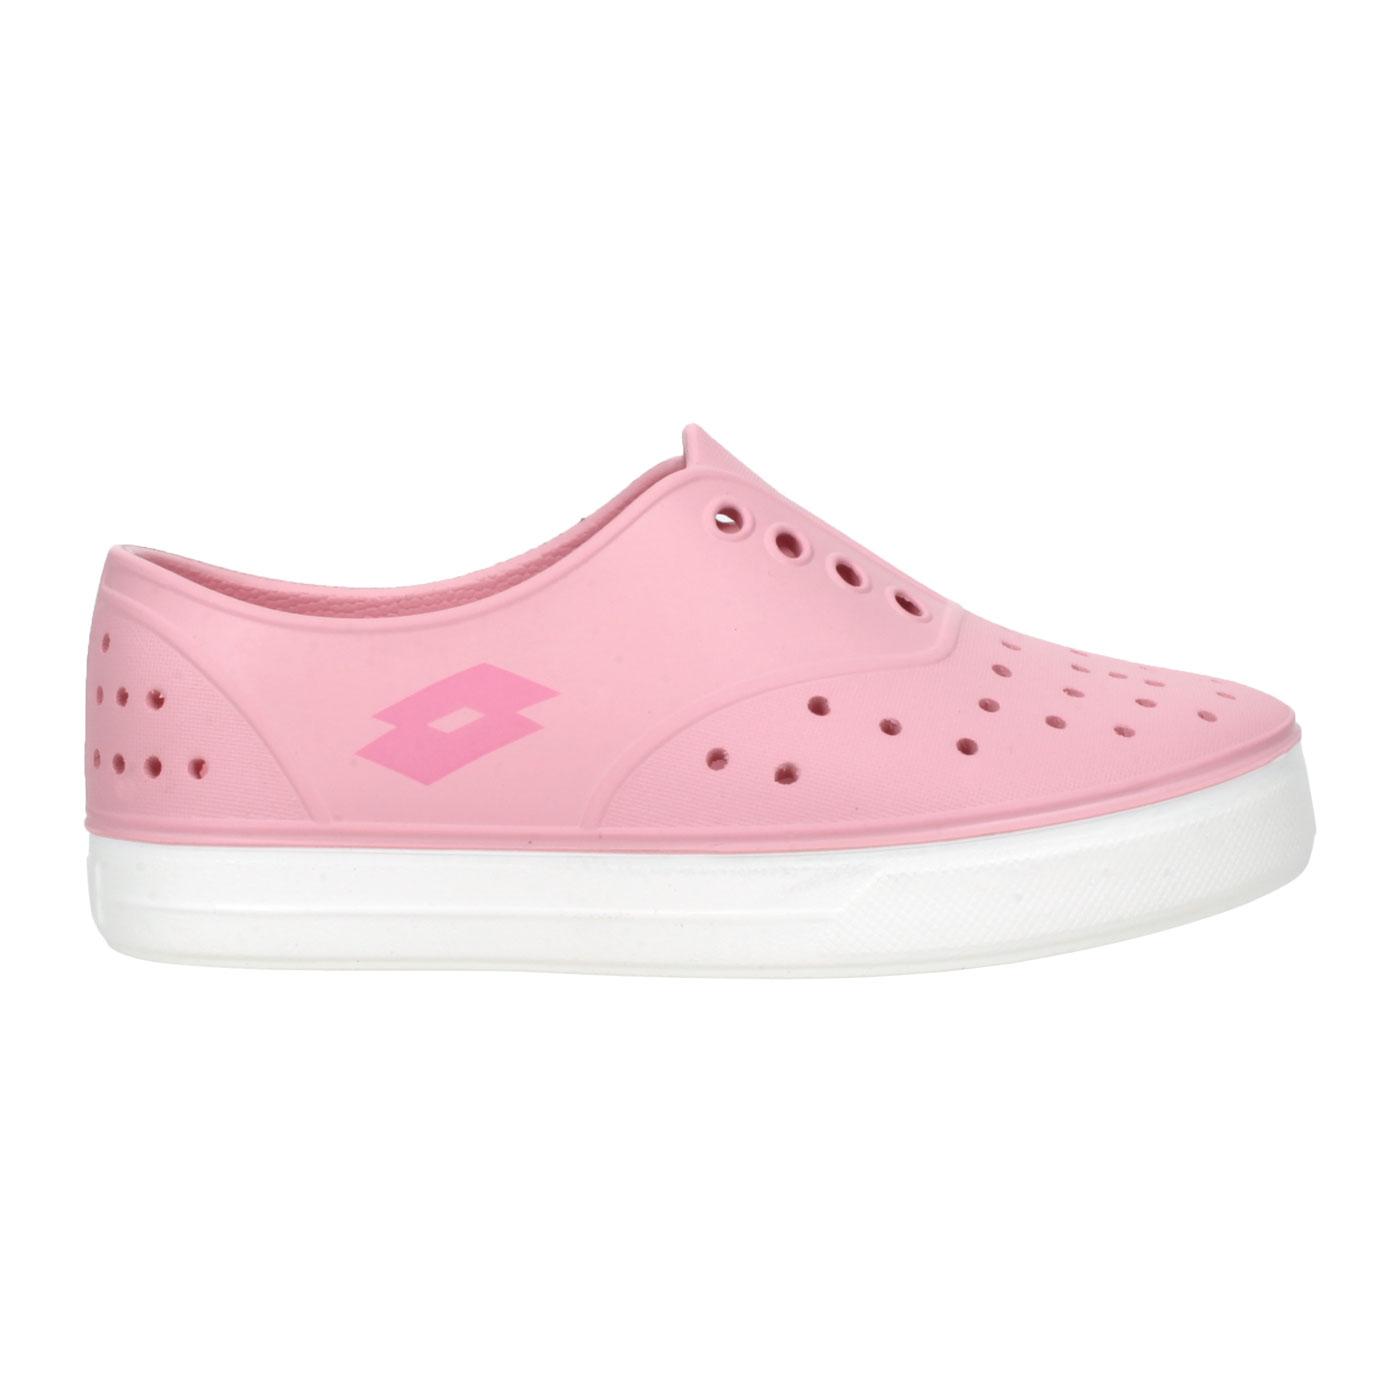 LOTTO 中童繽紛玩色亮彩洞洞鞋 LT1AKS3533 - 粉紅